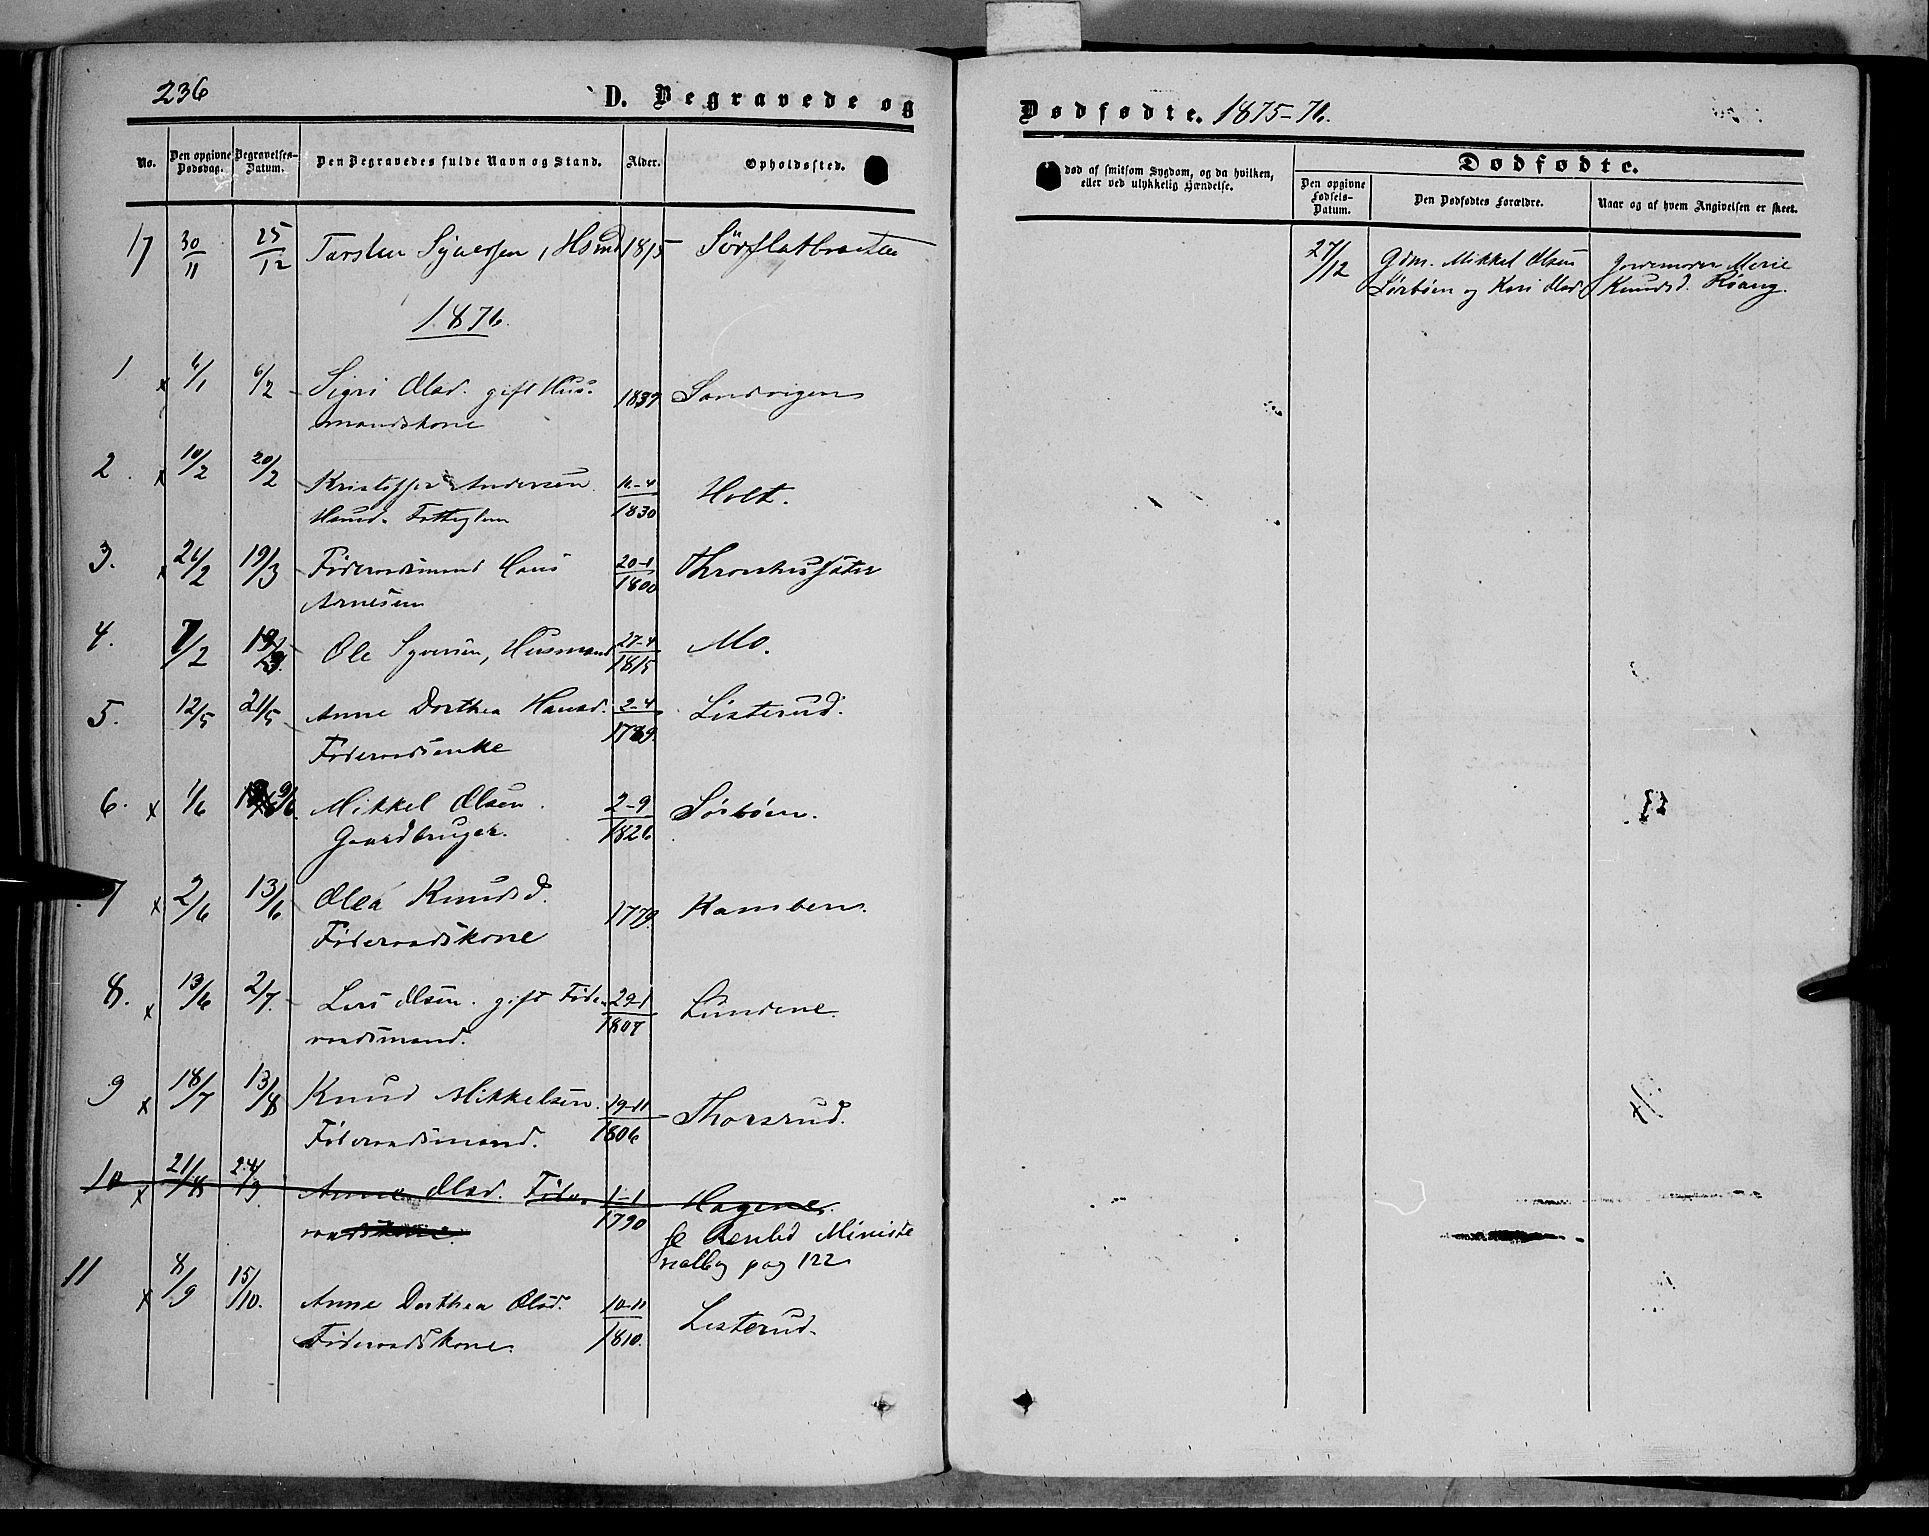 SAH, Sør-Aurdal prestekontor, Ministerialbok nr. 5, 1849-1876, s. 236